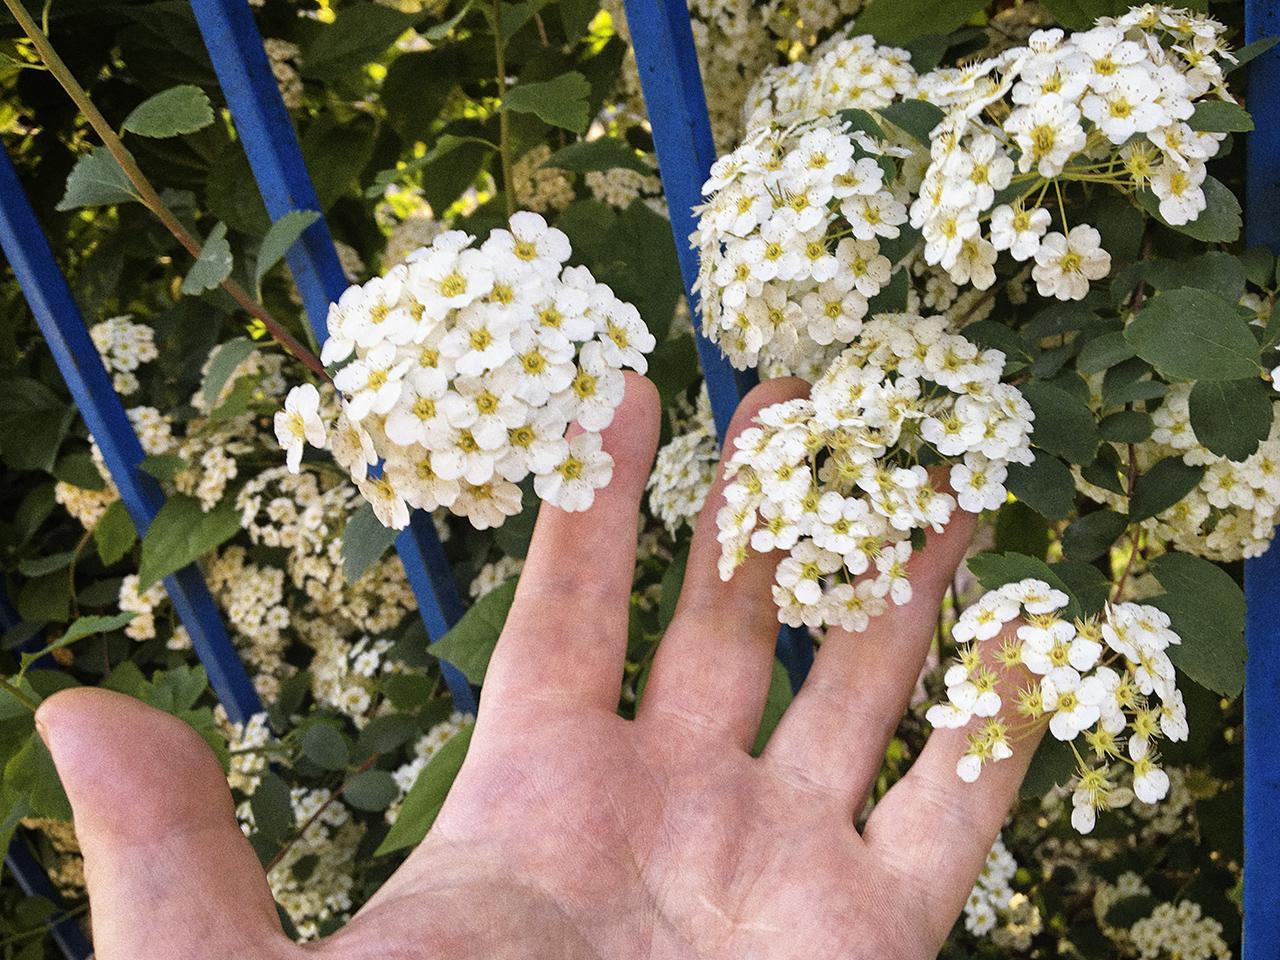 365/312 - Kertkapu virággal